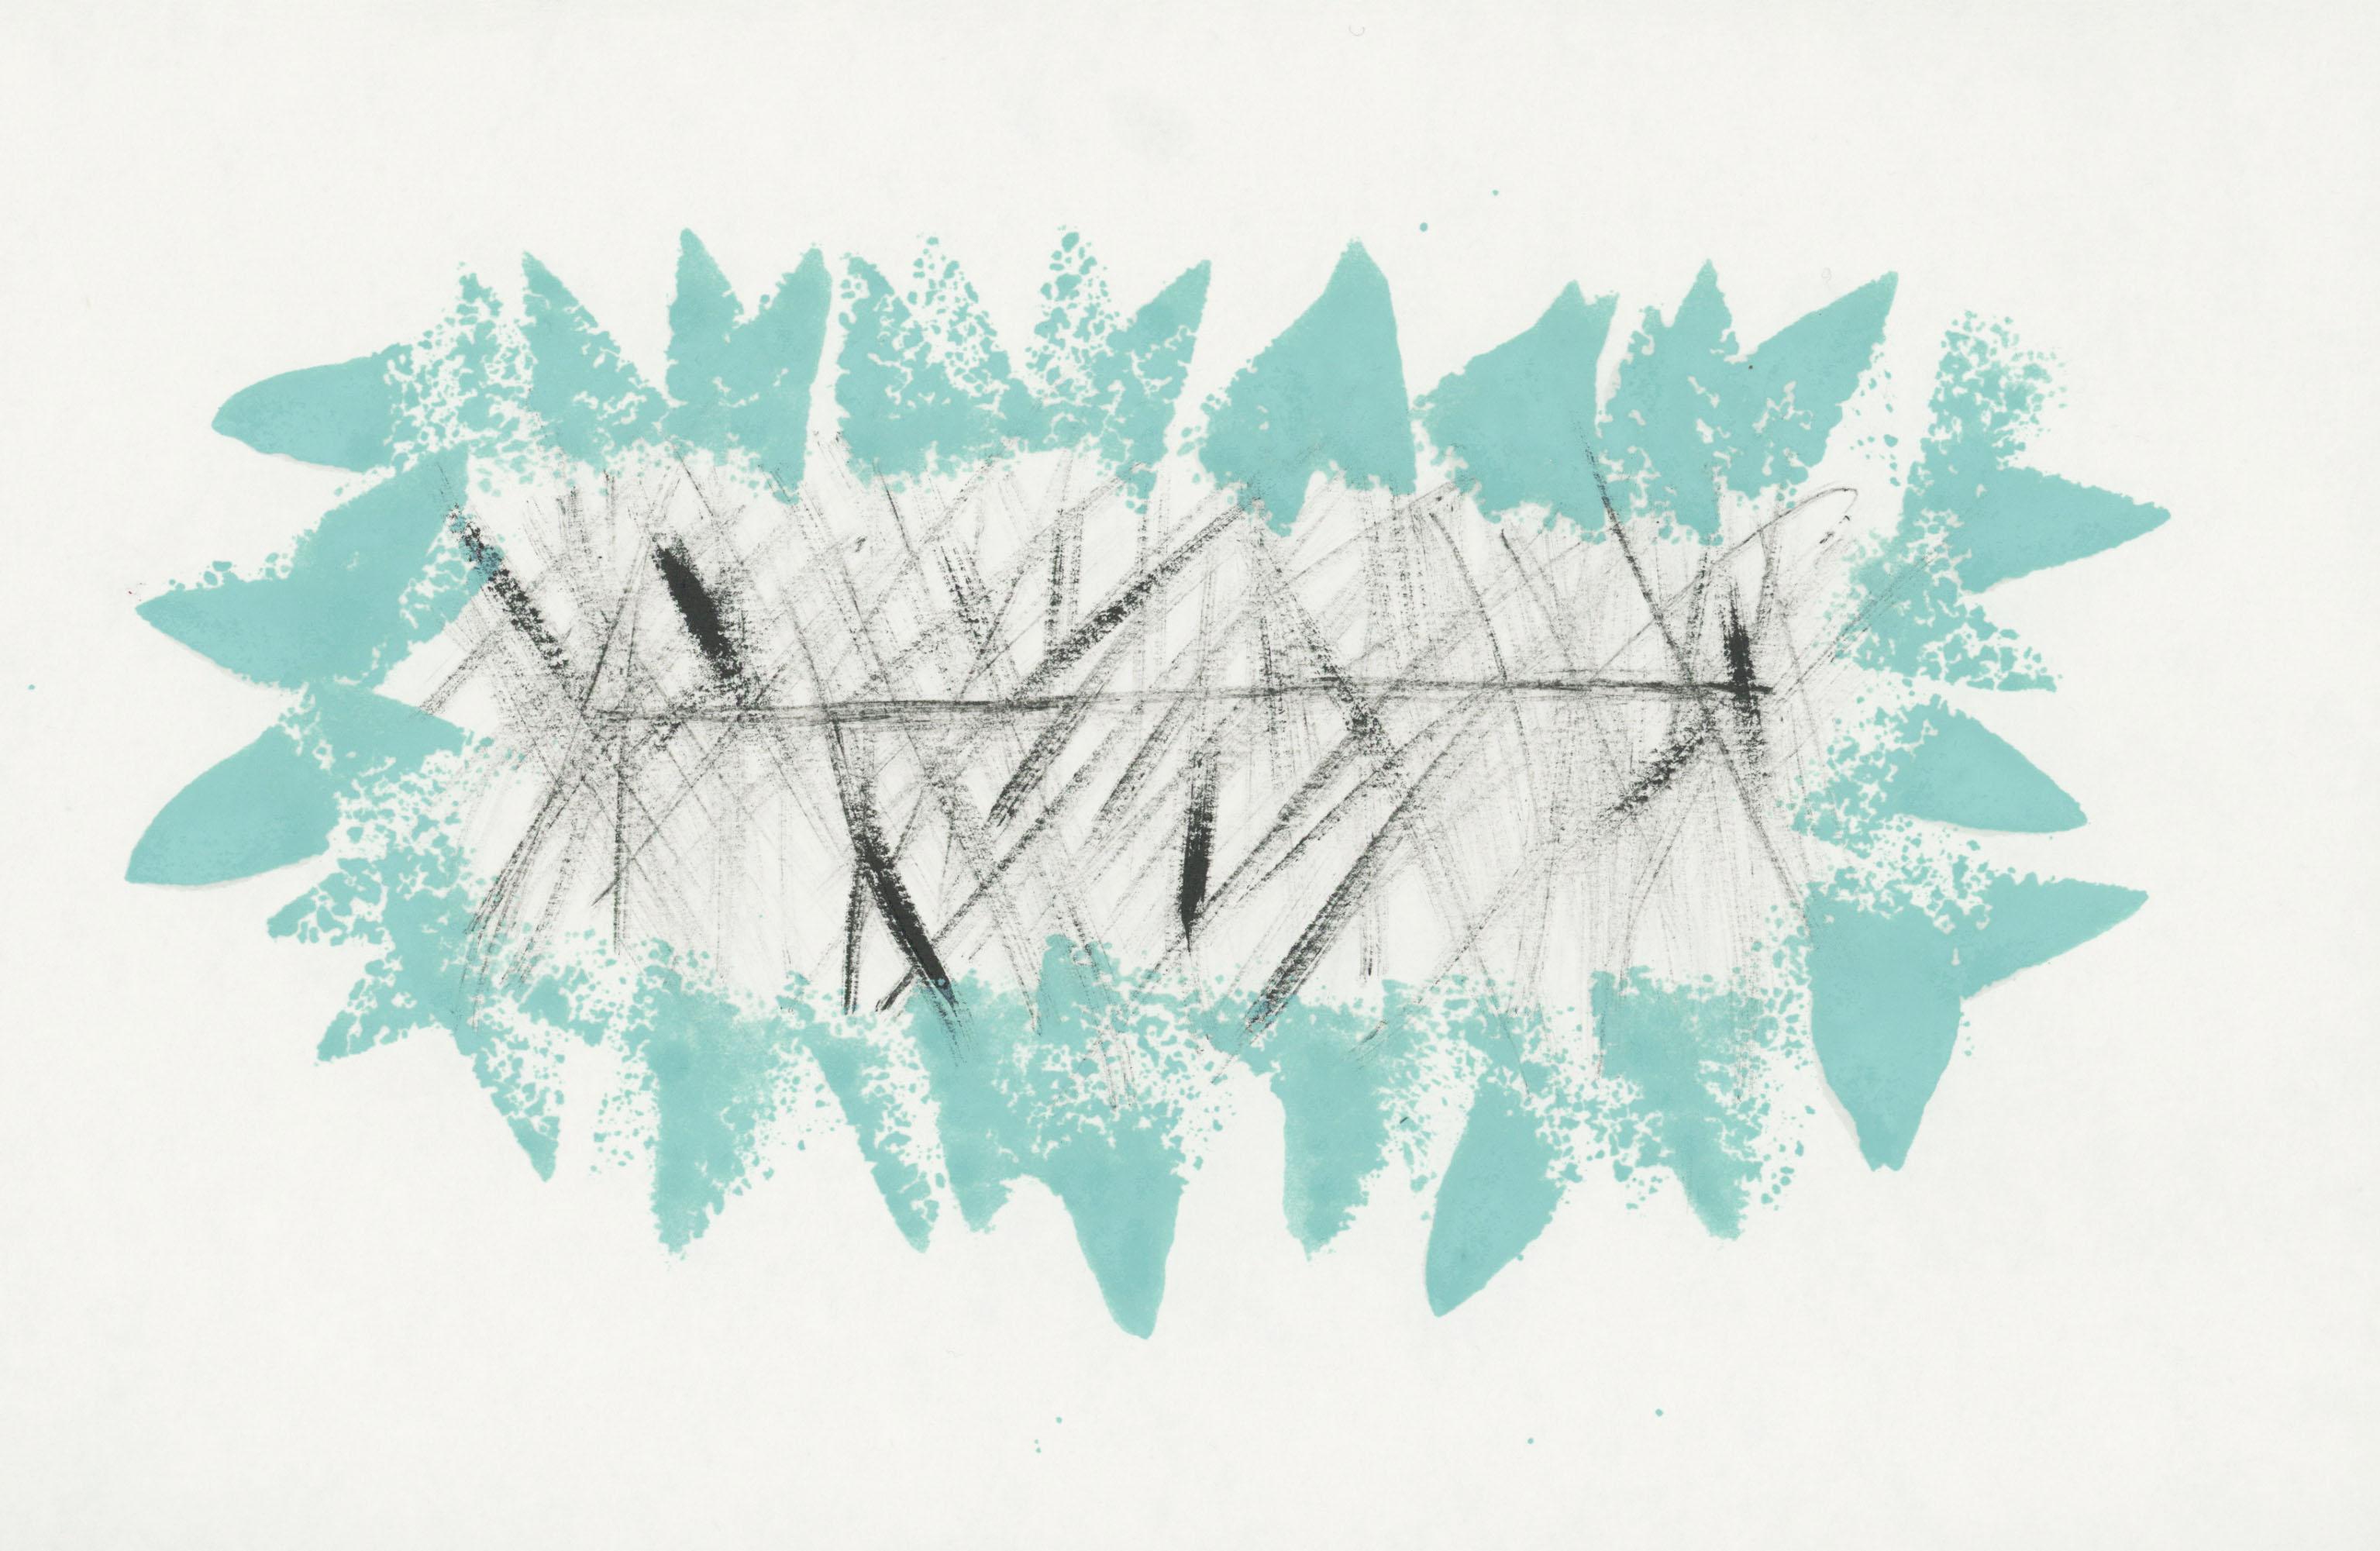 24. Enamel on paper. 28 x 18cm